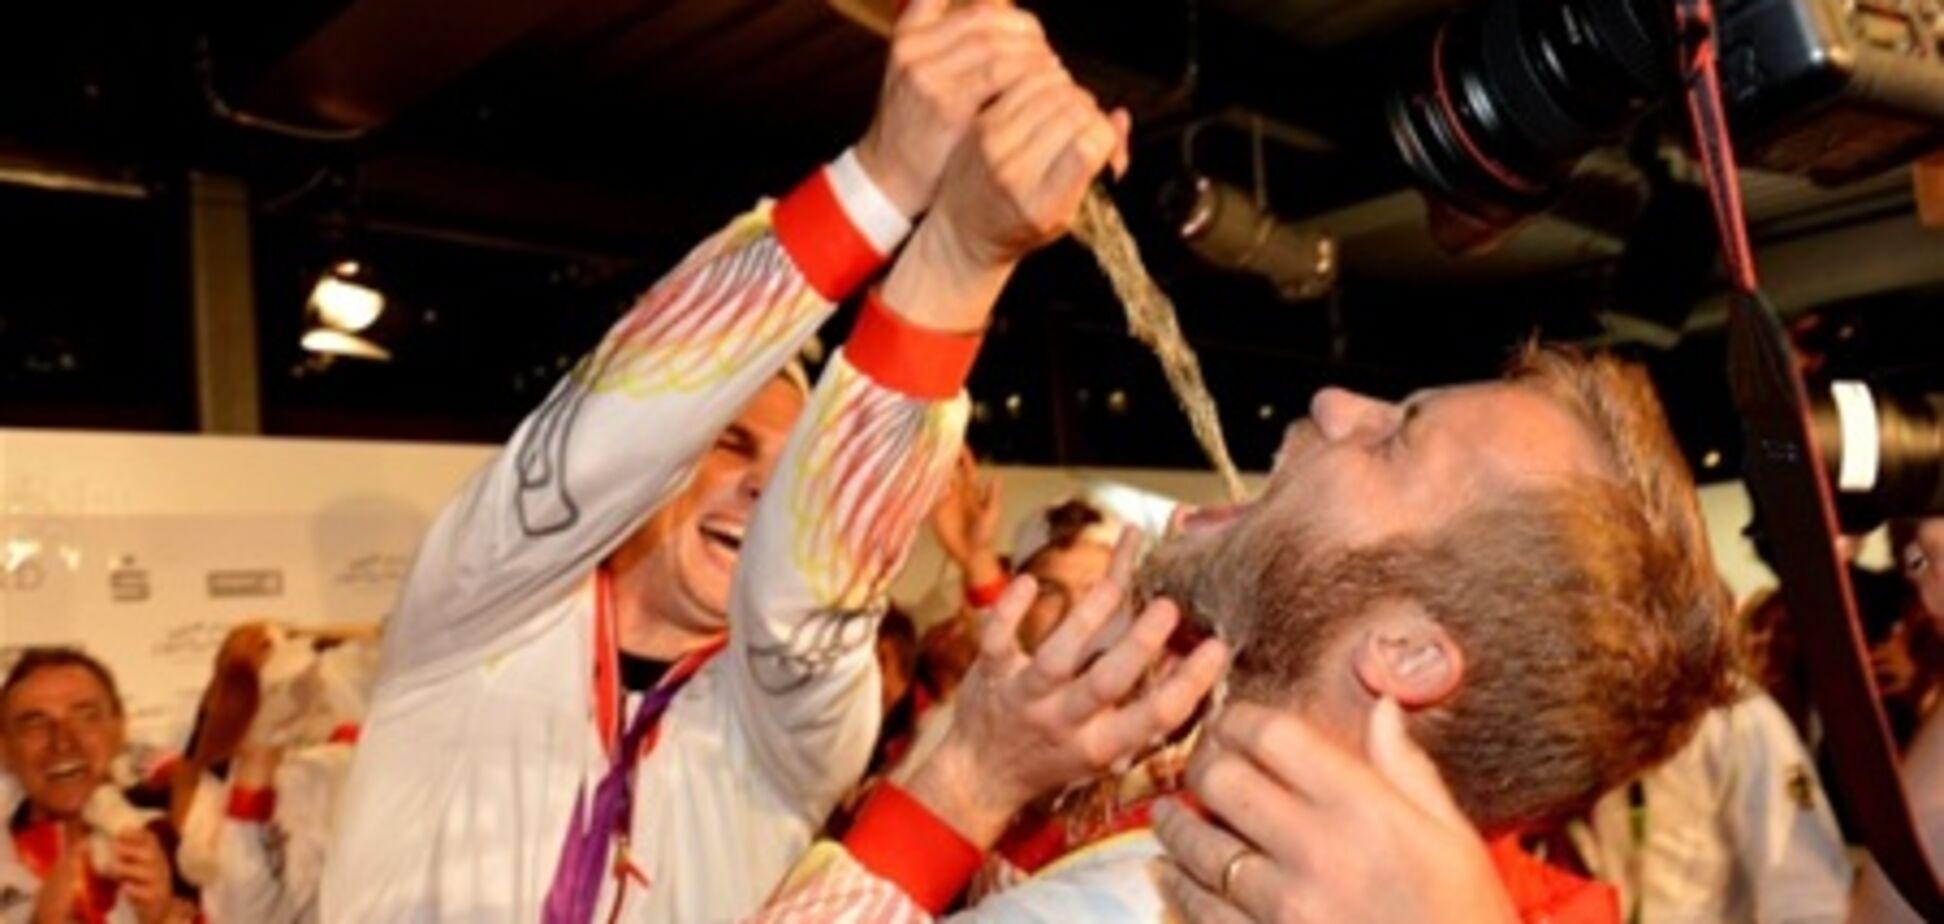 От немецких олимпийцев потребовали компенсацию за вечеринку на теплоходе